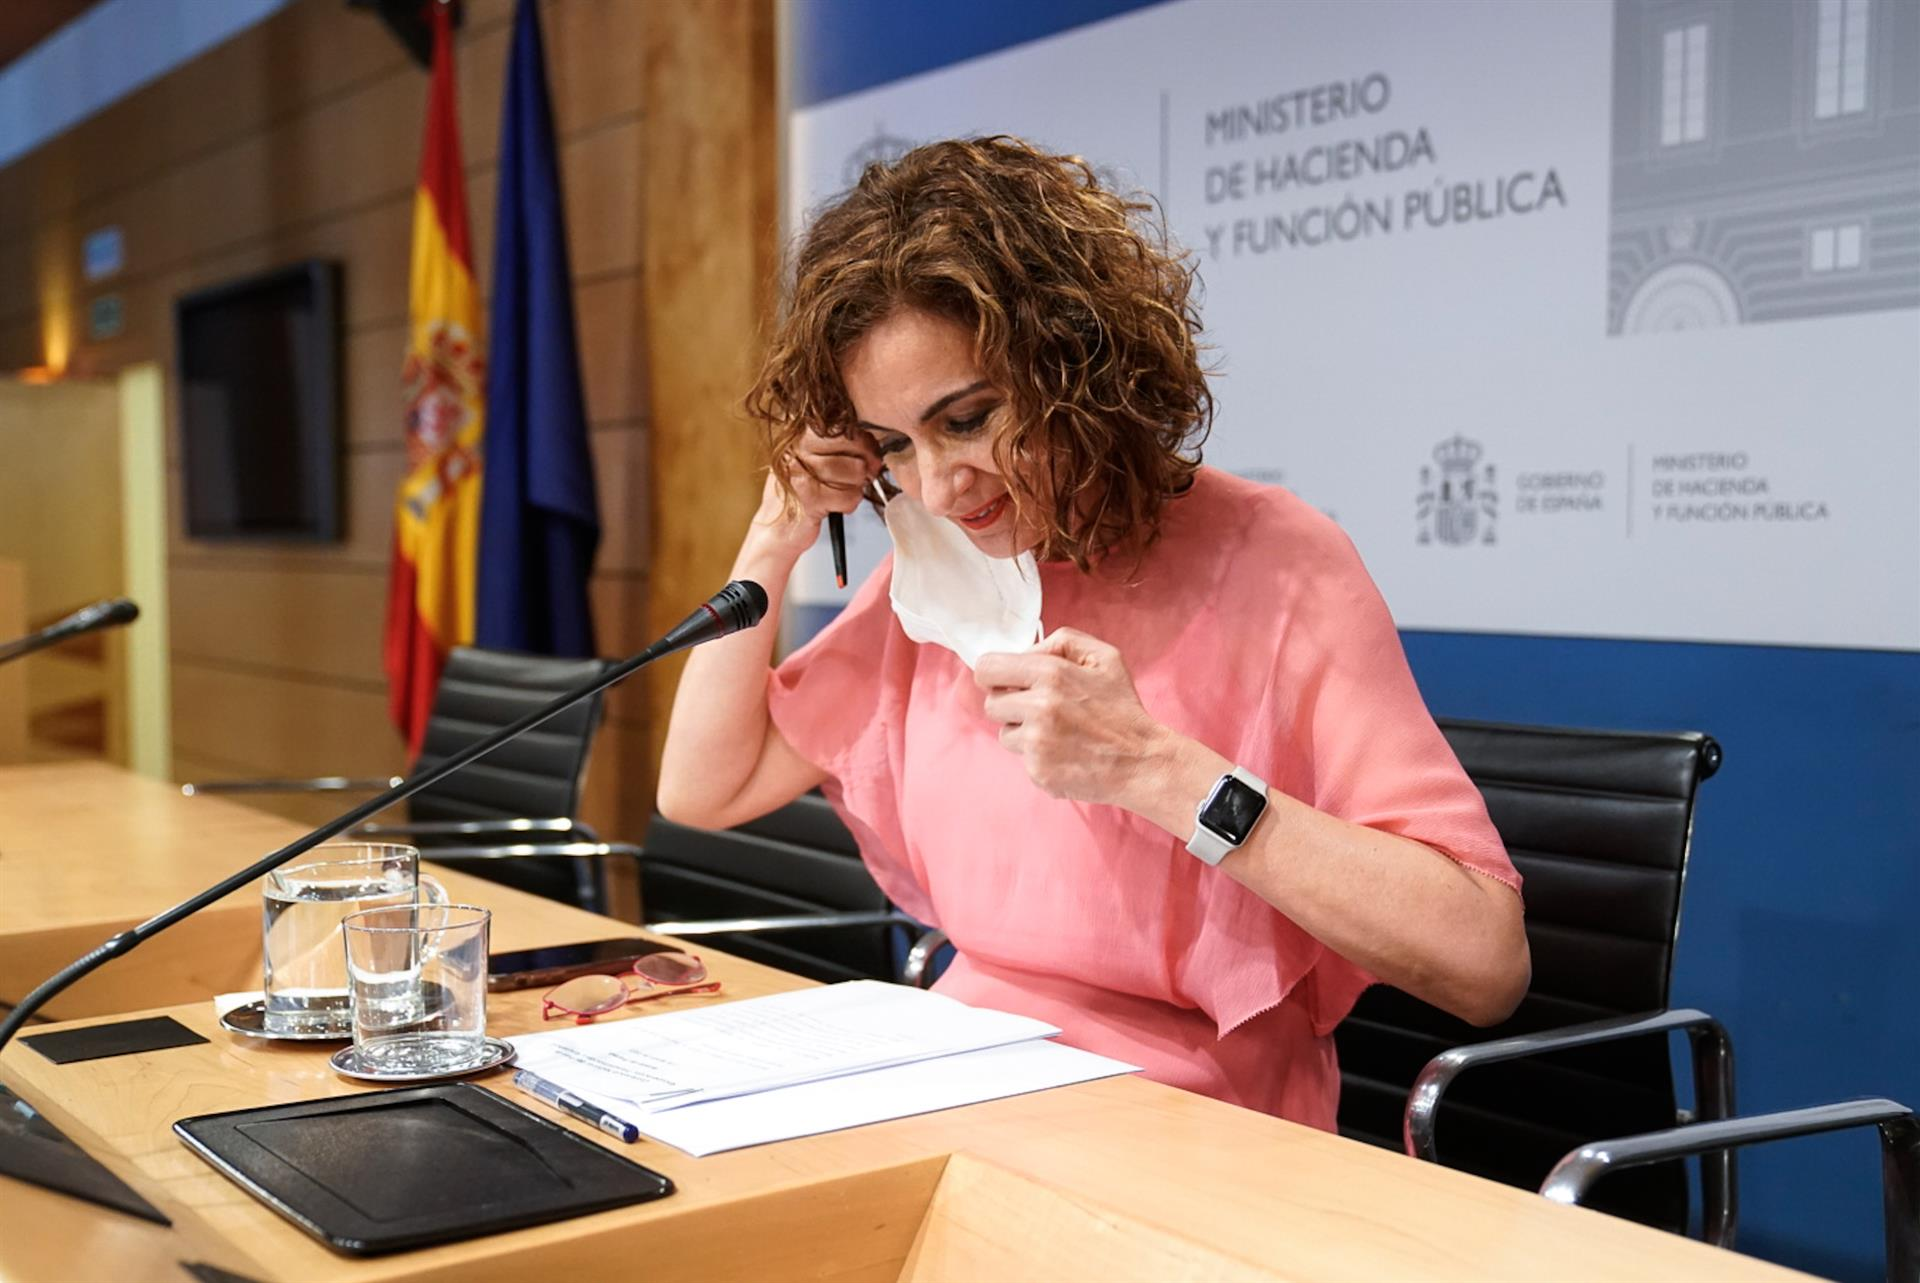 Andalucía recibirá 12.710 millones de fondos de cohesión 2021-2027, más de un tercio del total nacional